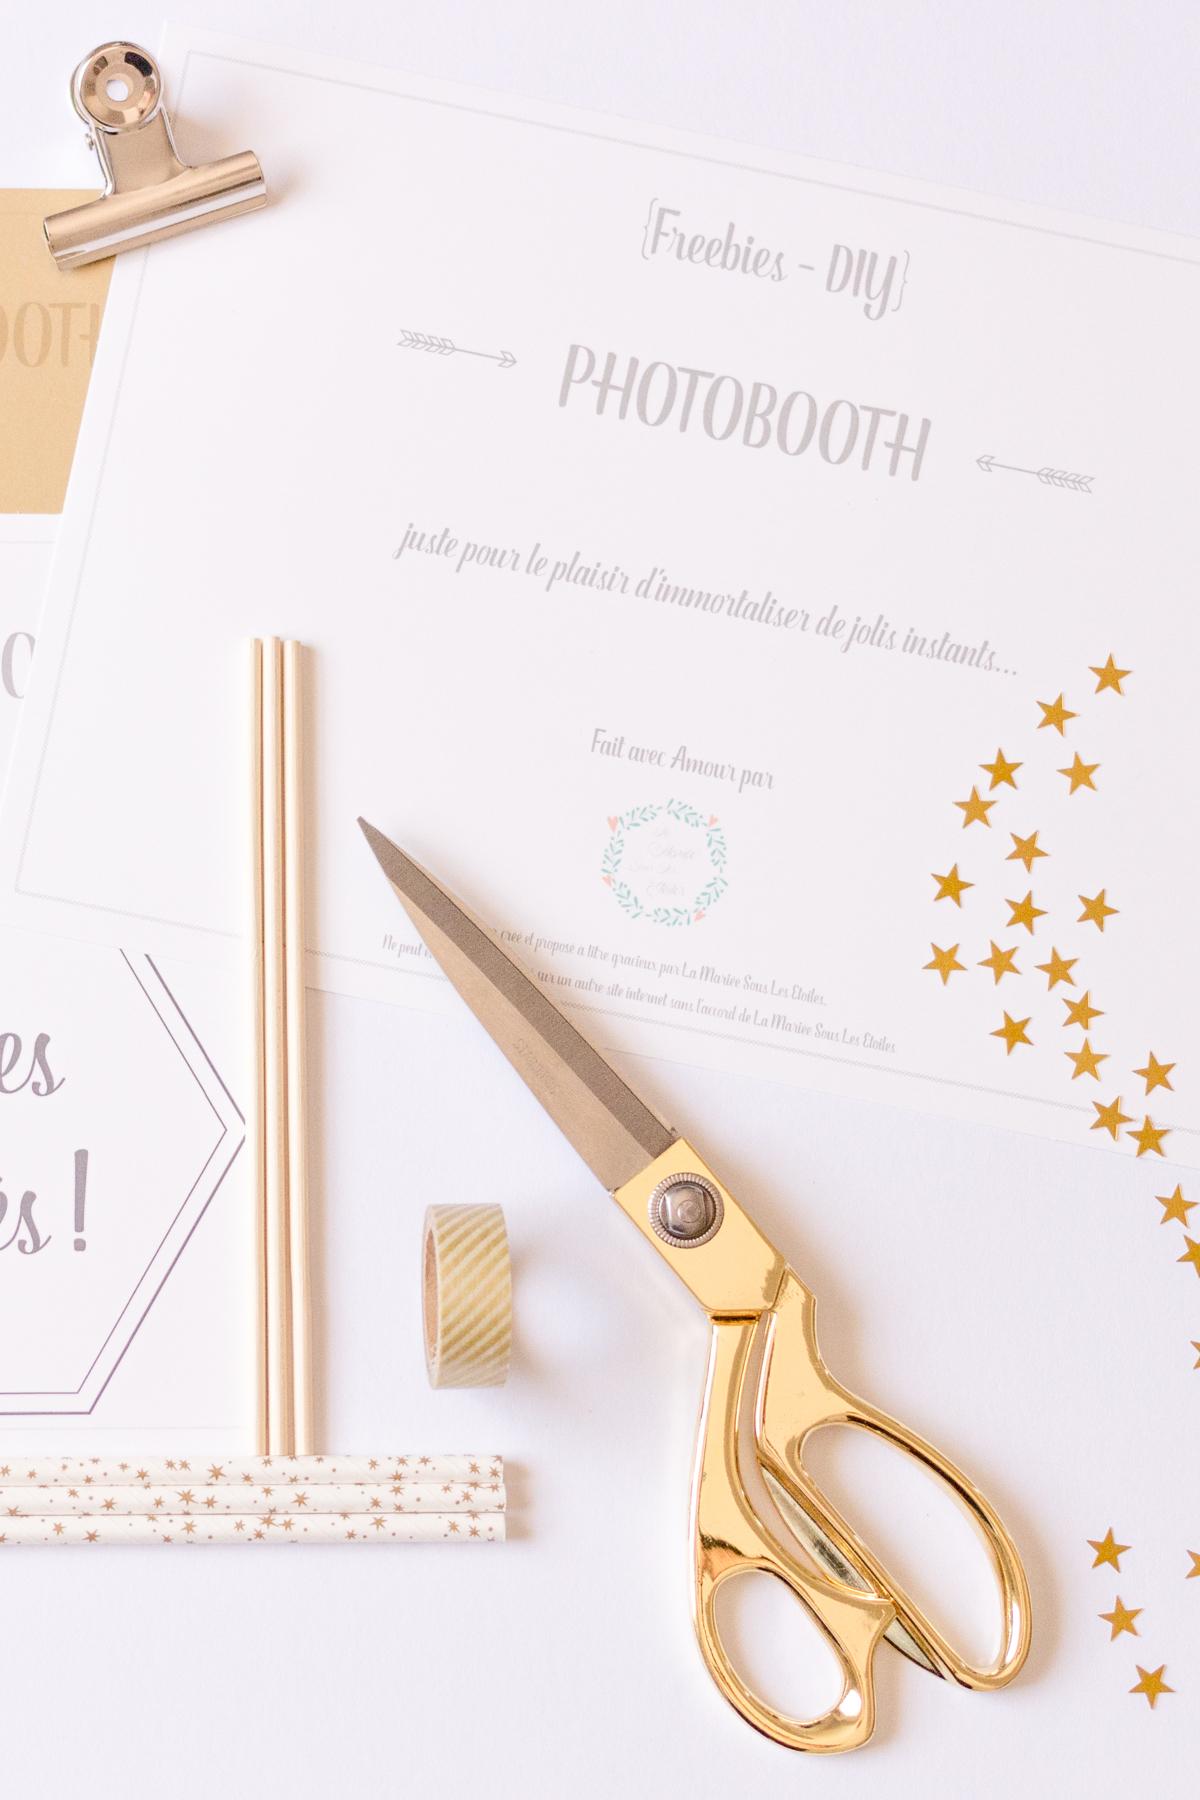 DIY Printable_Photobooth mariage_La Mariée Sous Les Etoiles-2-2